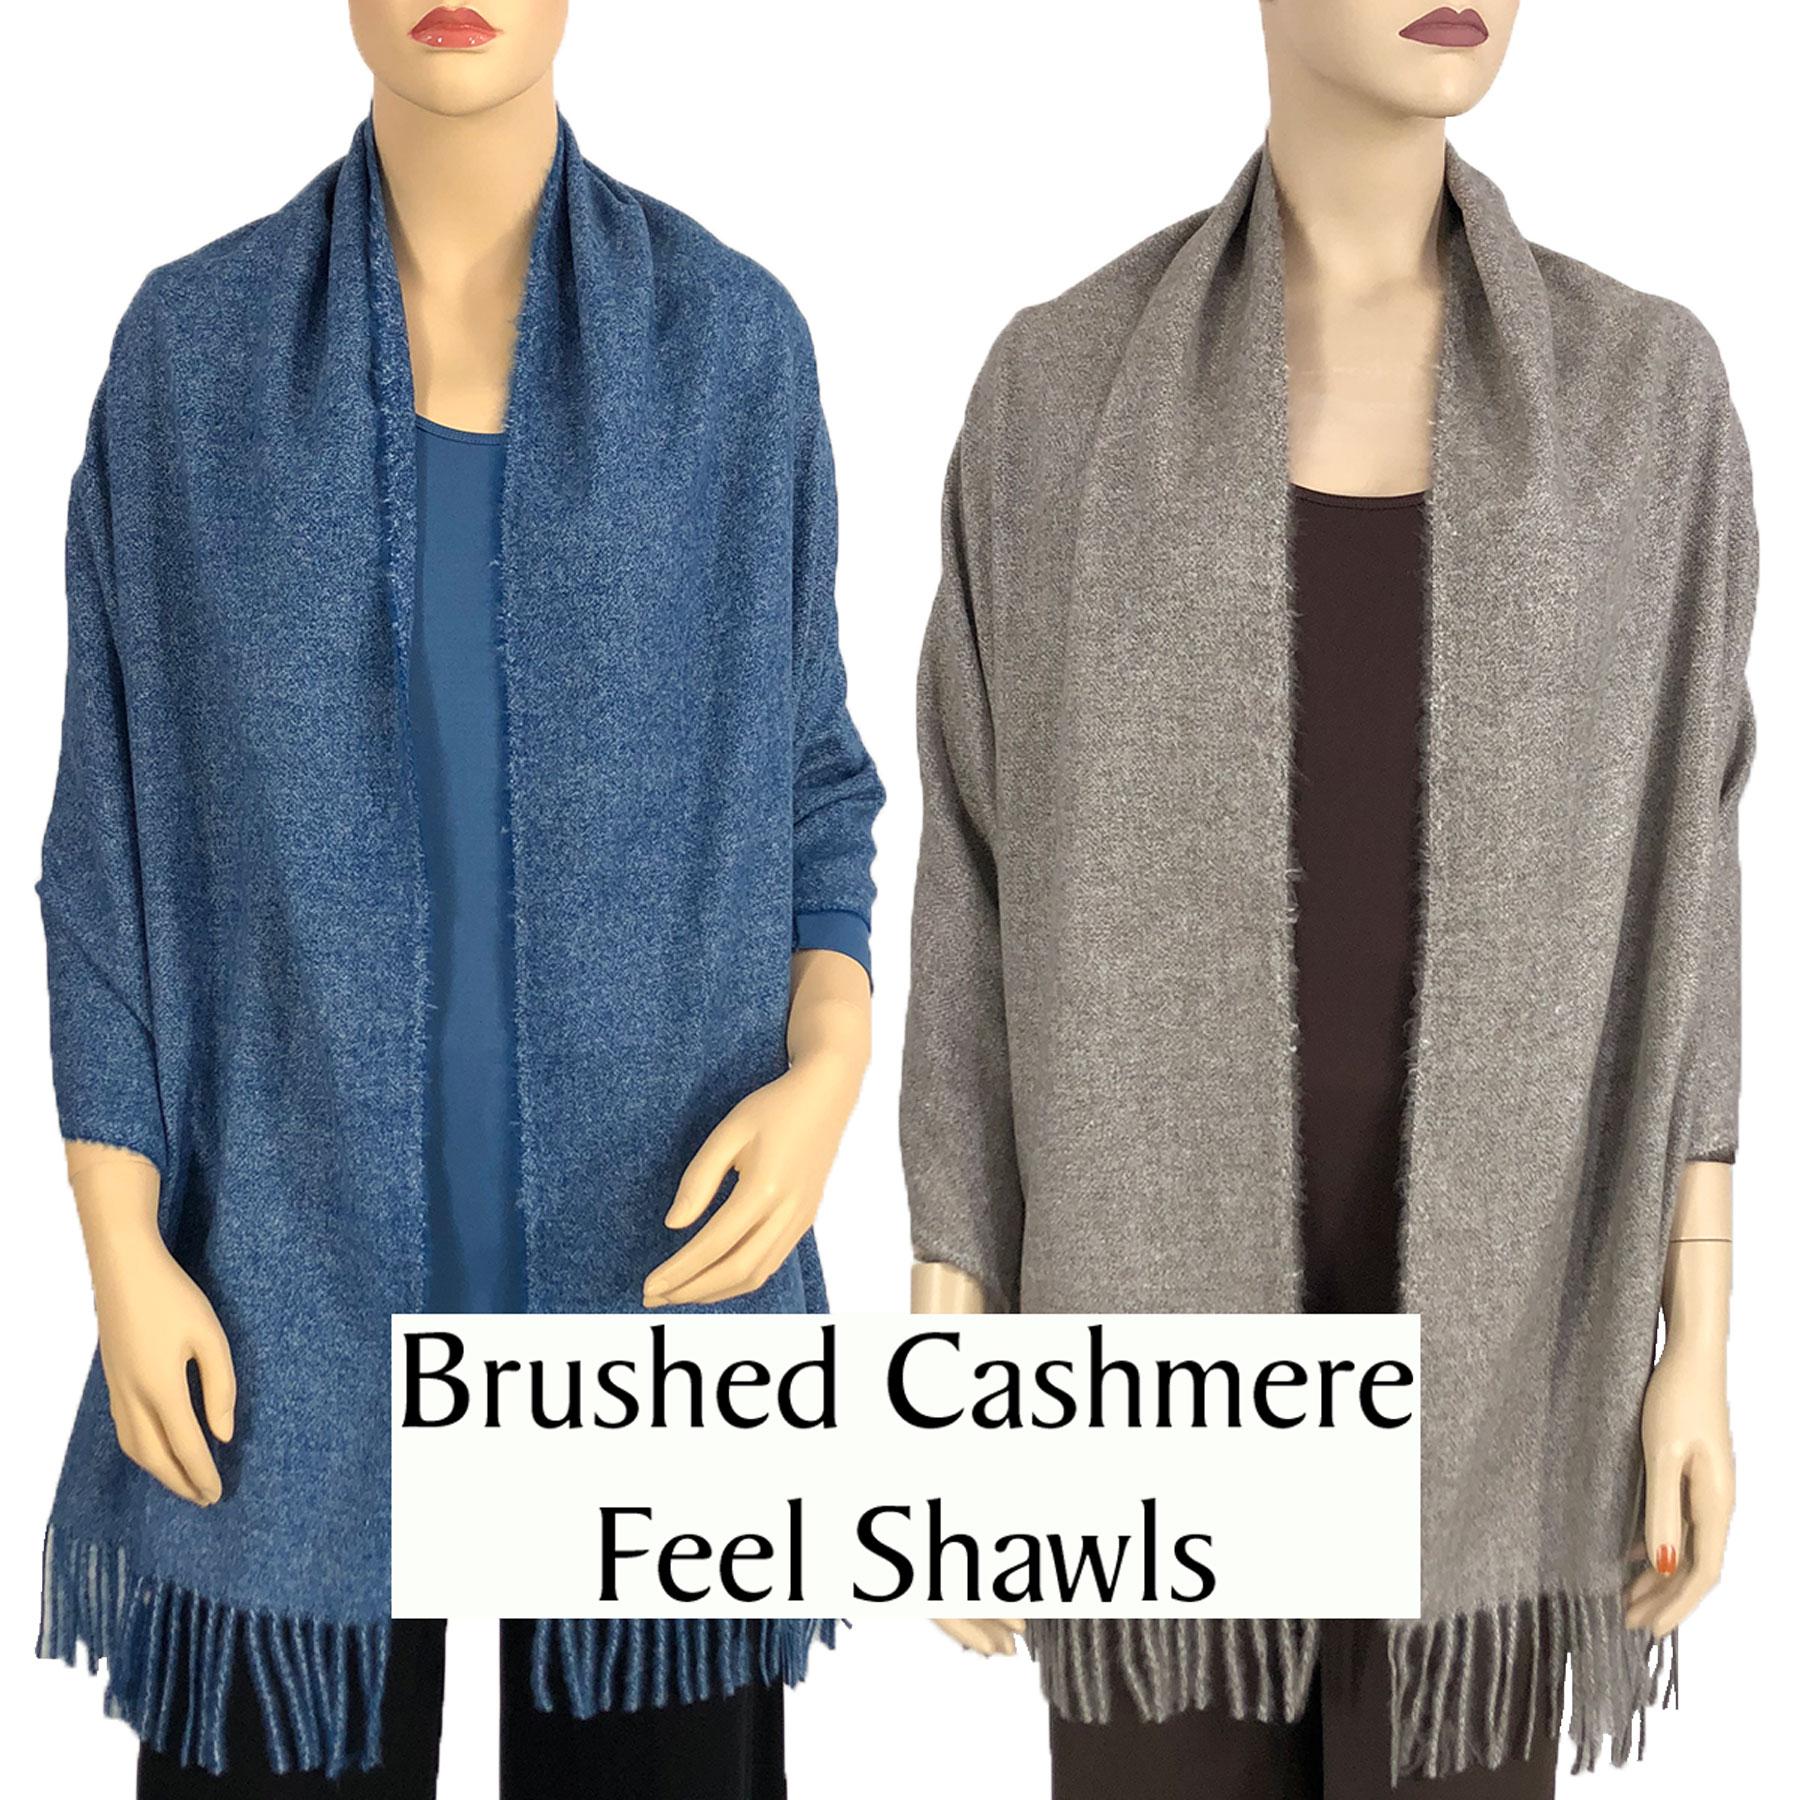 Brushed Cashmere Feel Shawls